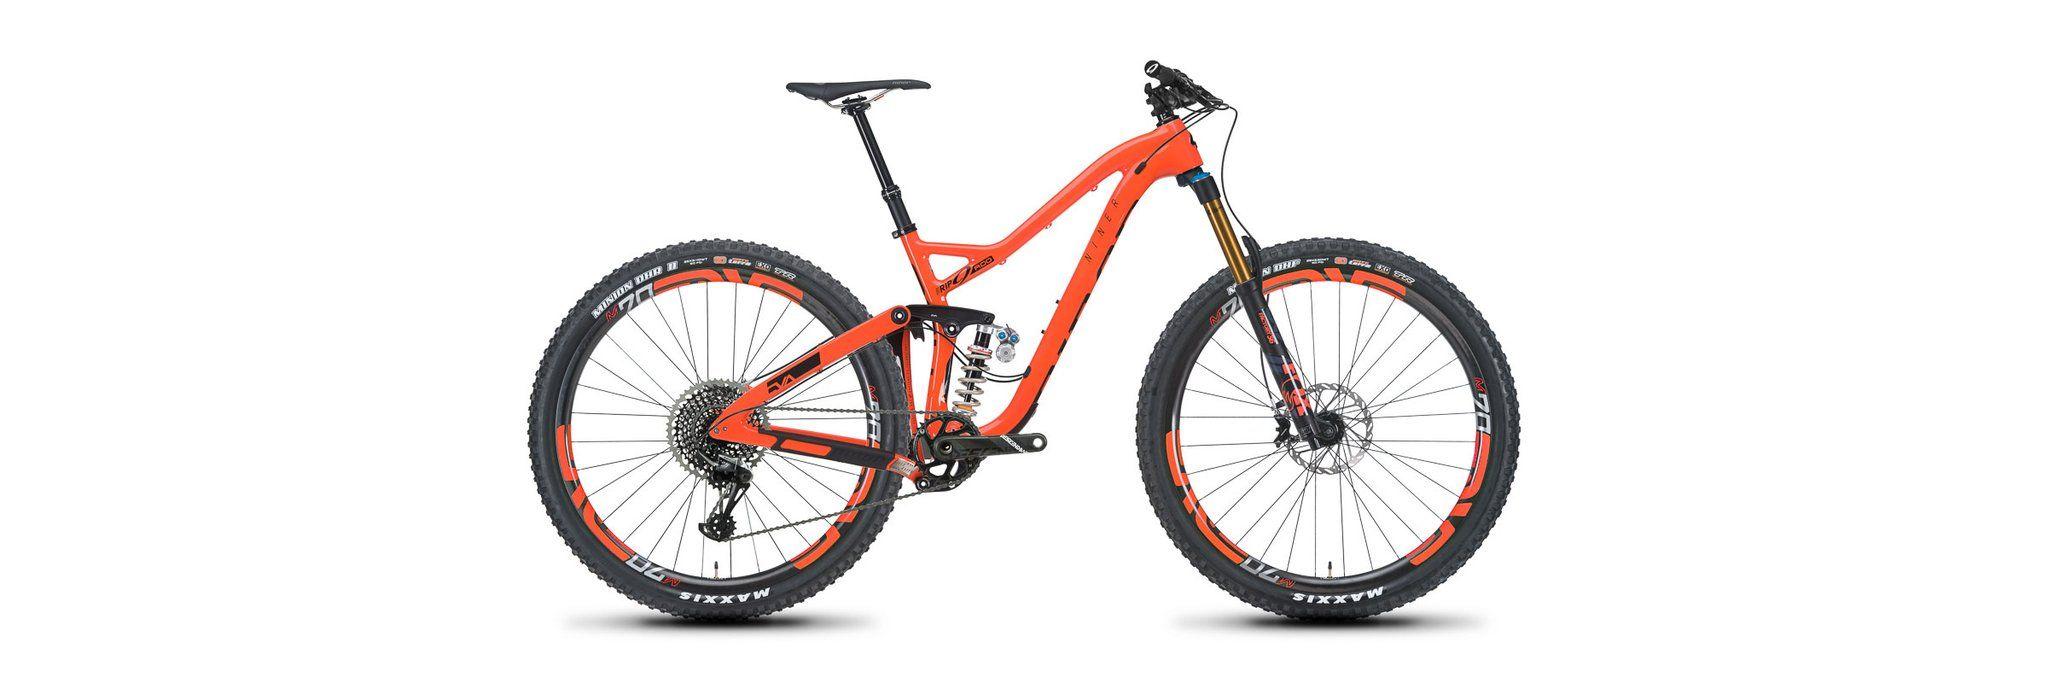 Pin By Alex Peterson On Bikes Bicycle Mountain Bike Downhill Bike Moutain Bike